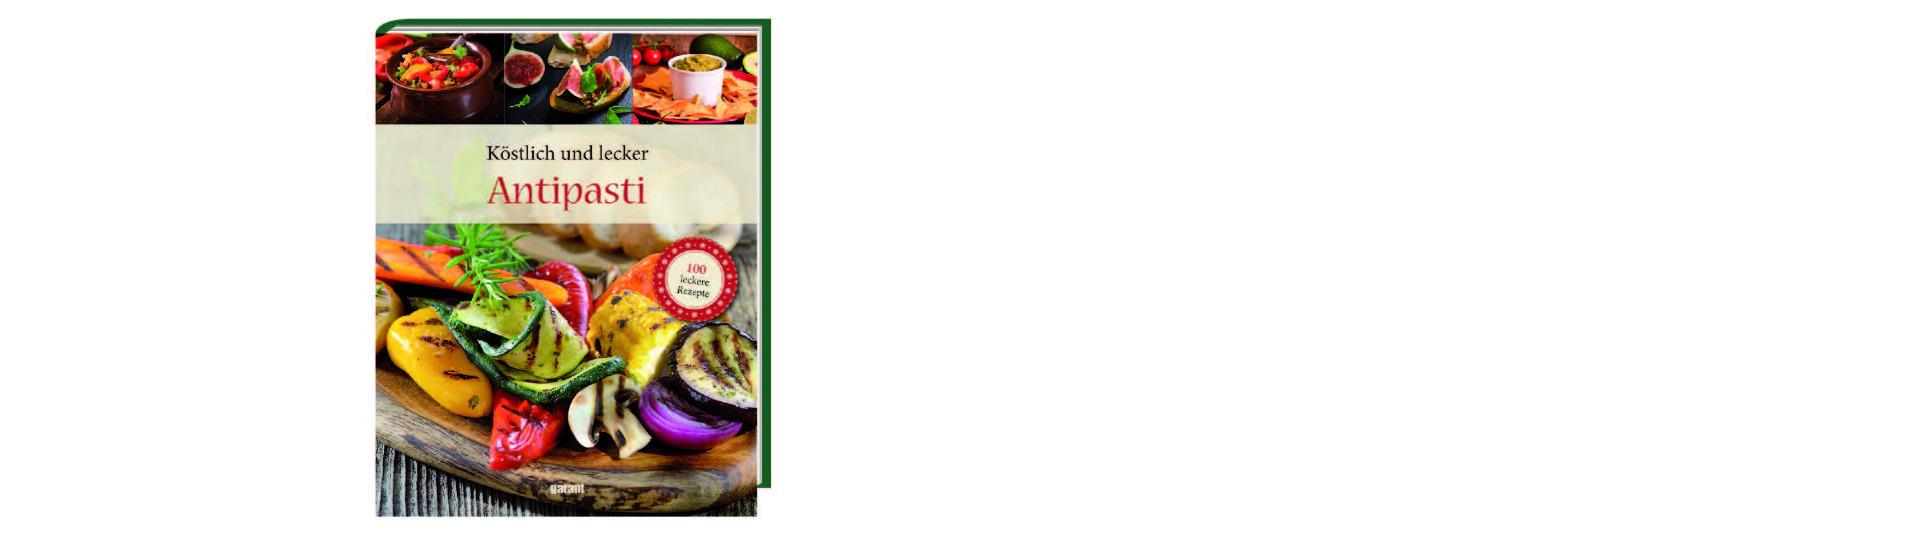 Köstlich und lecker, Antipasti